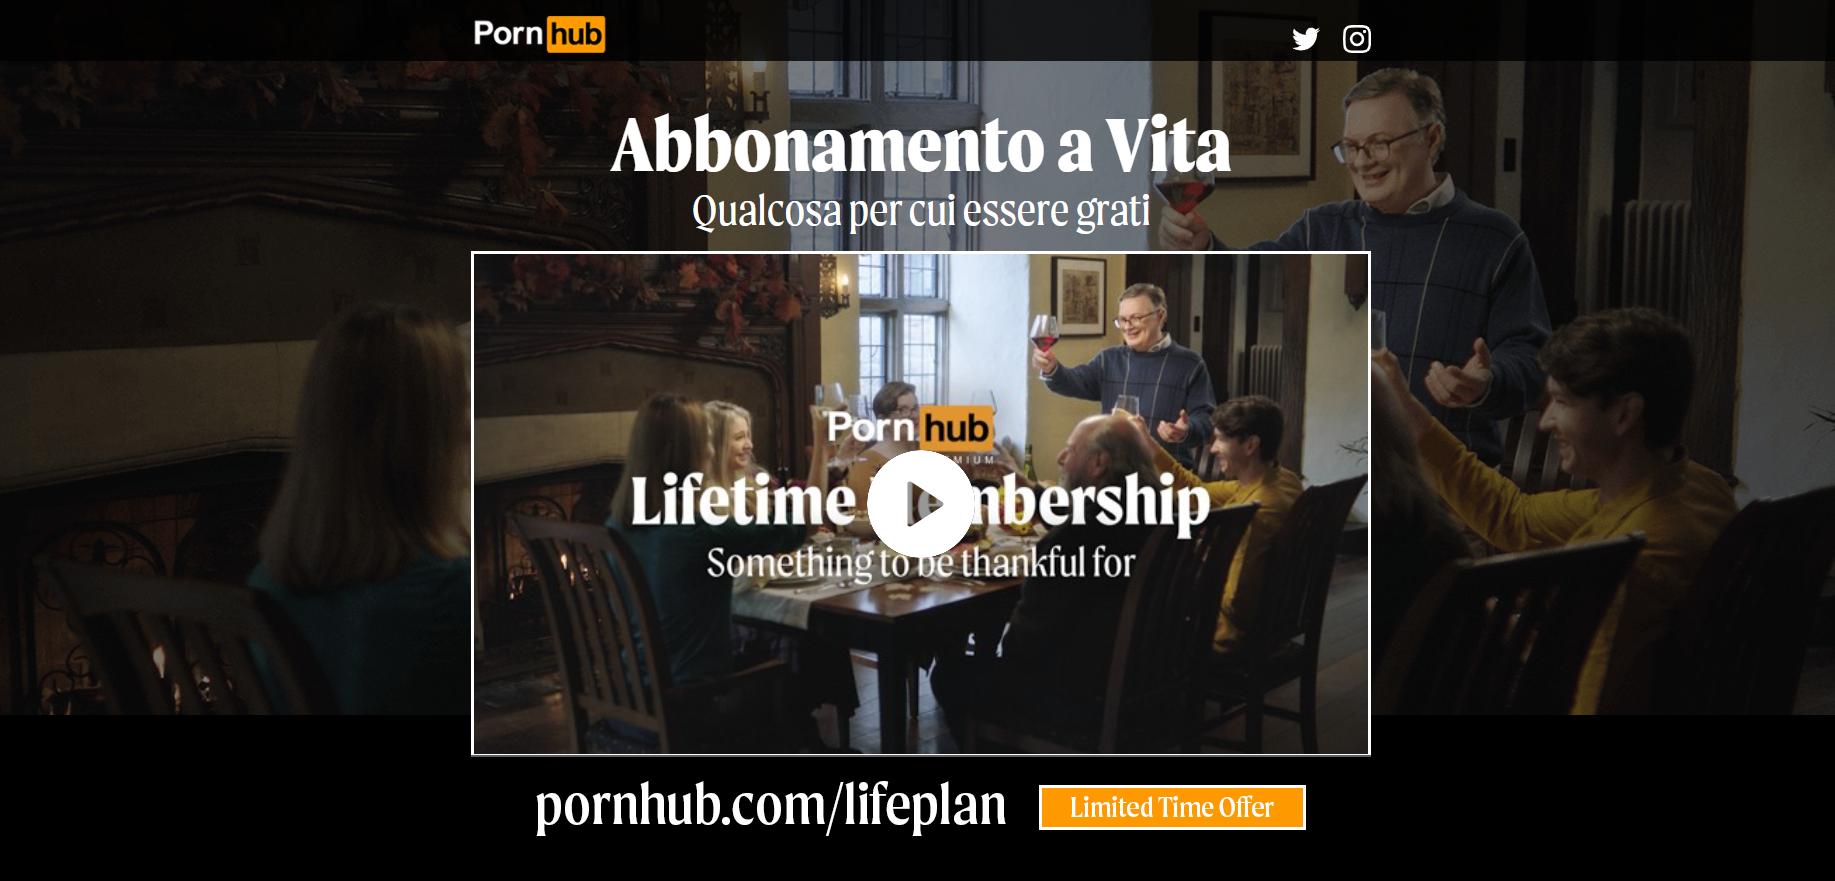 Black Friday, Pornhub e la sua offerta a vita